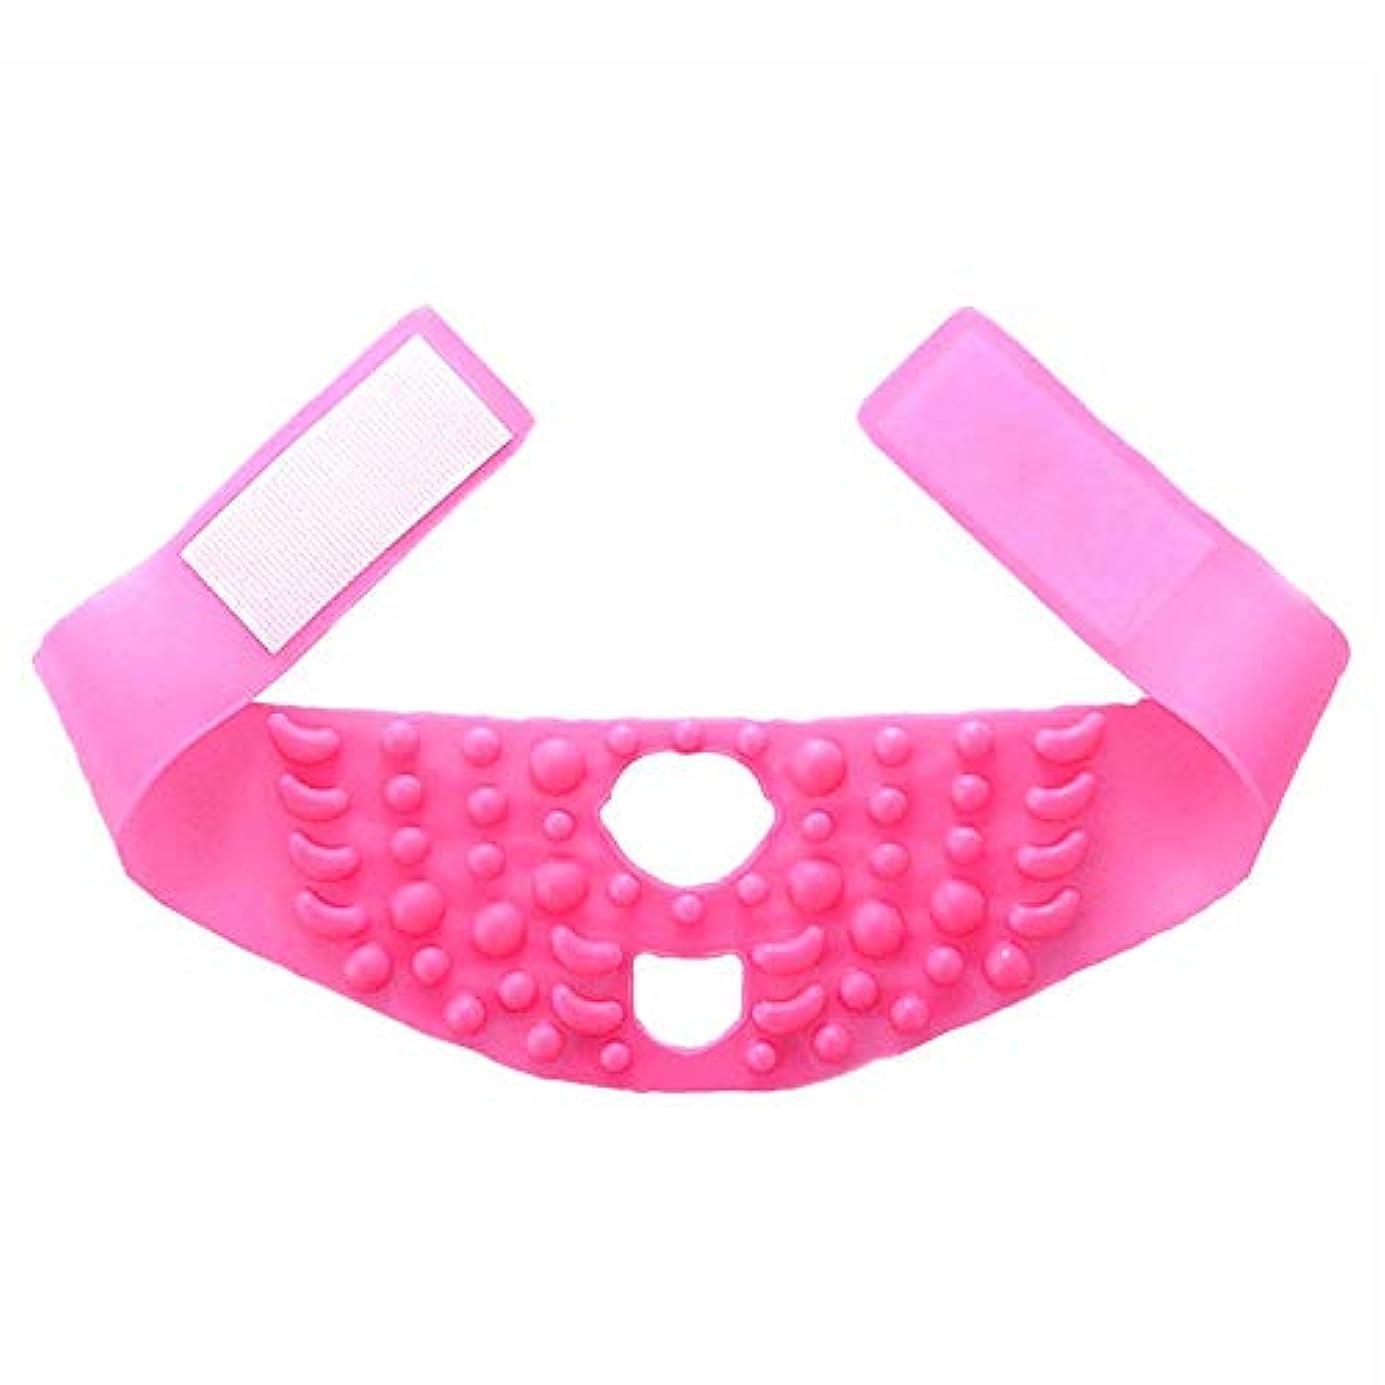 観客とらえどころのない休戦Minmin シンフェイスマスクシリコーンマッサージ引き締まった形の小さなVフェイスリフティングに薄いフェイスアーティファクト包帯を飾る - ピンク みんみんVラインフェイスマスク